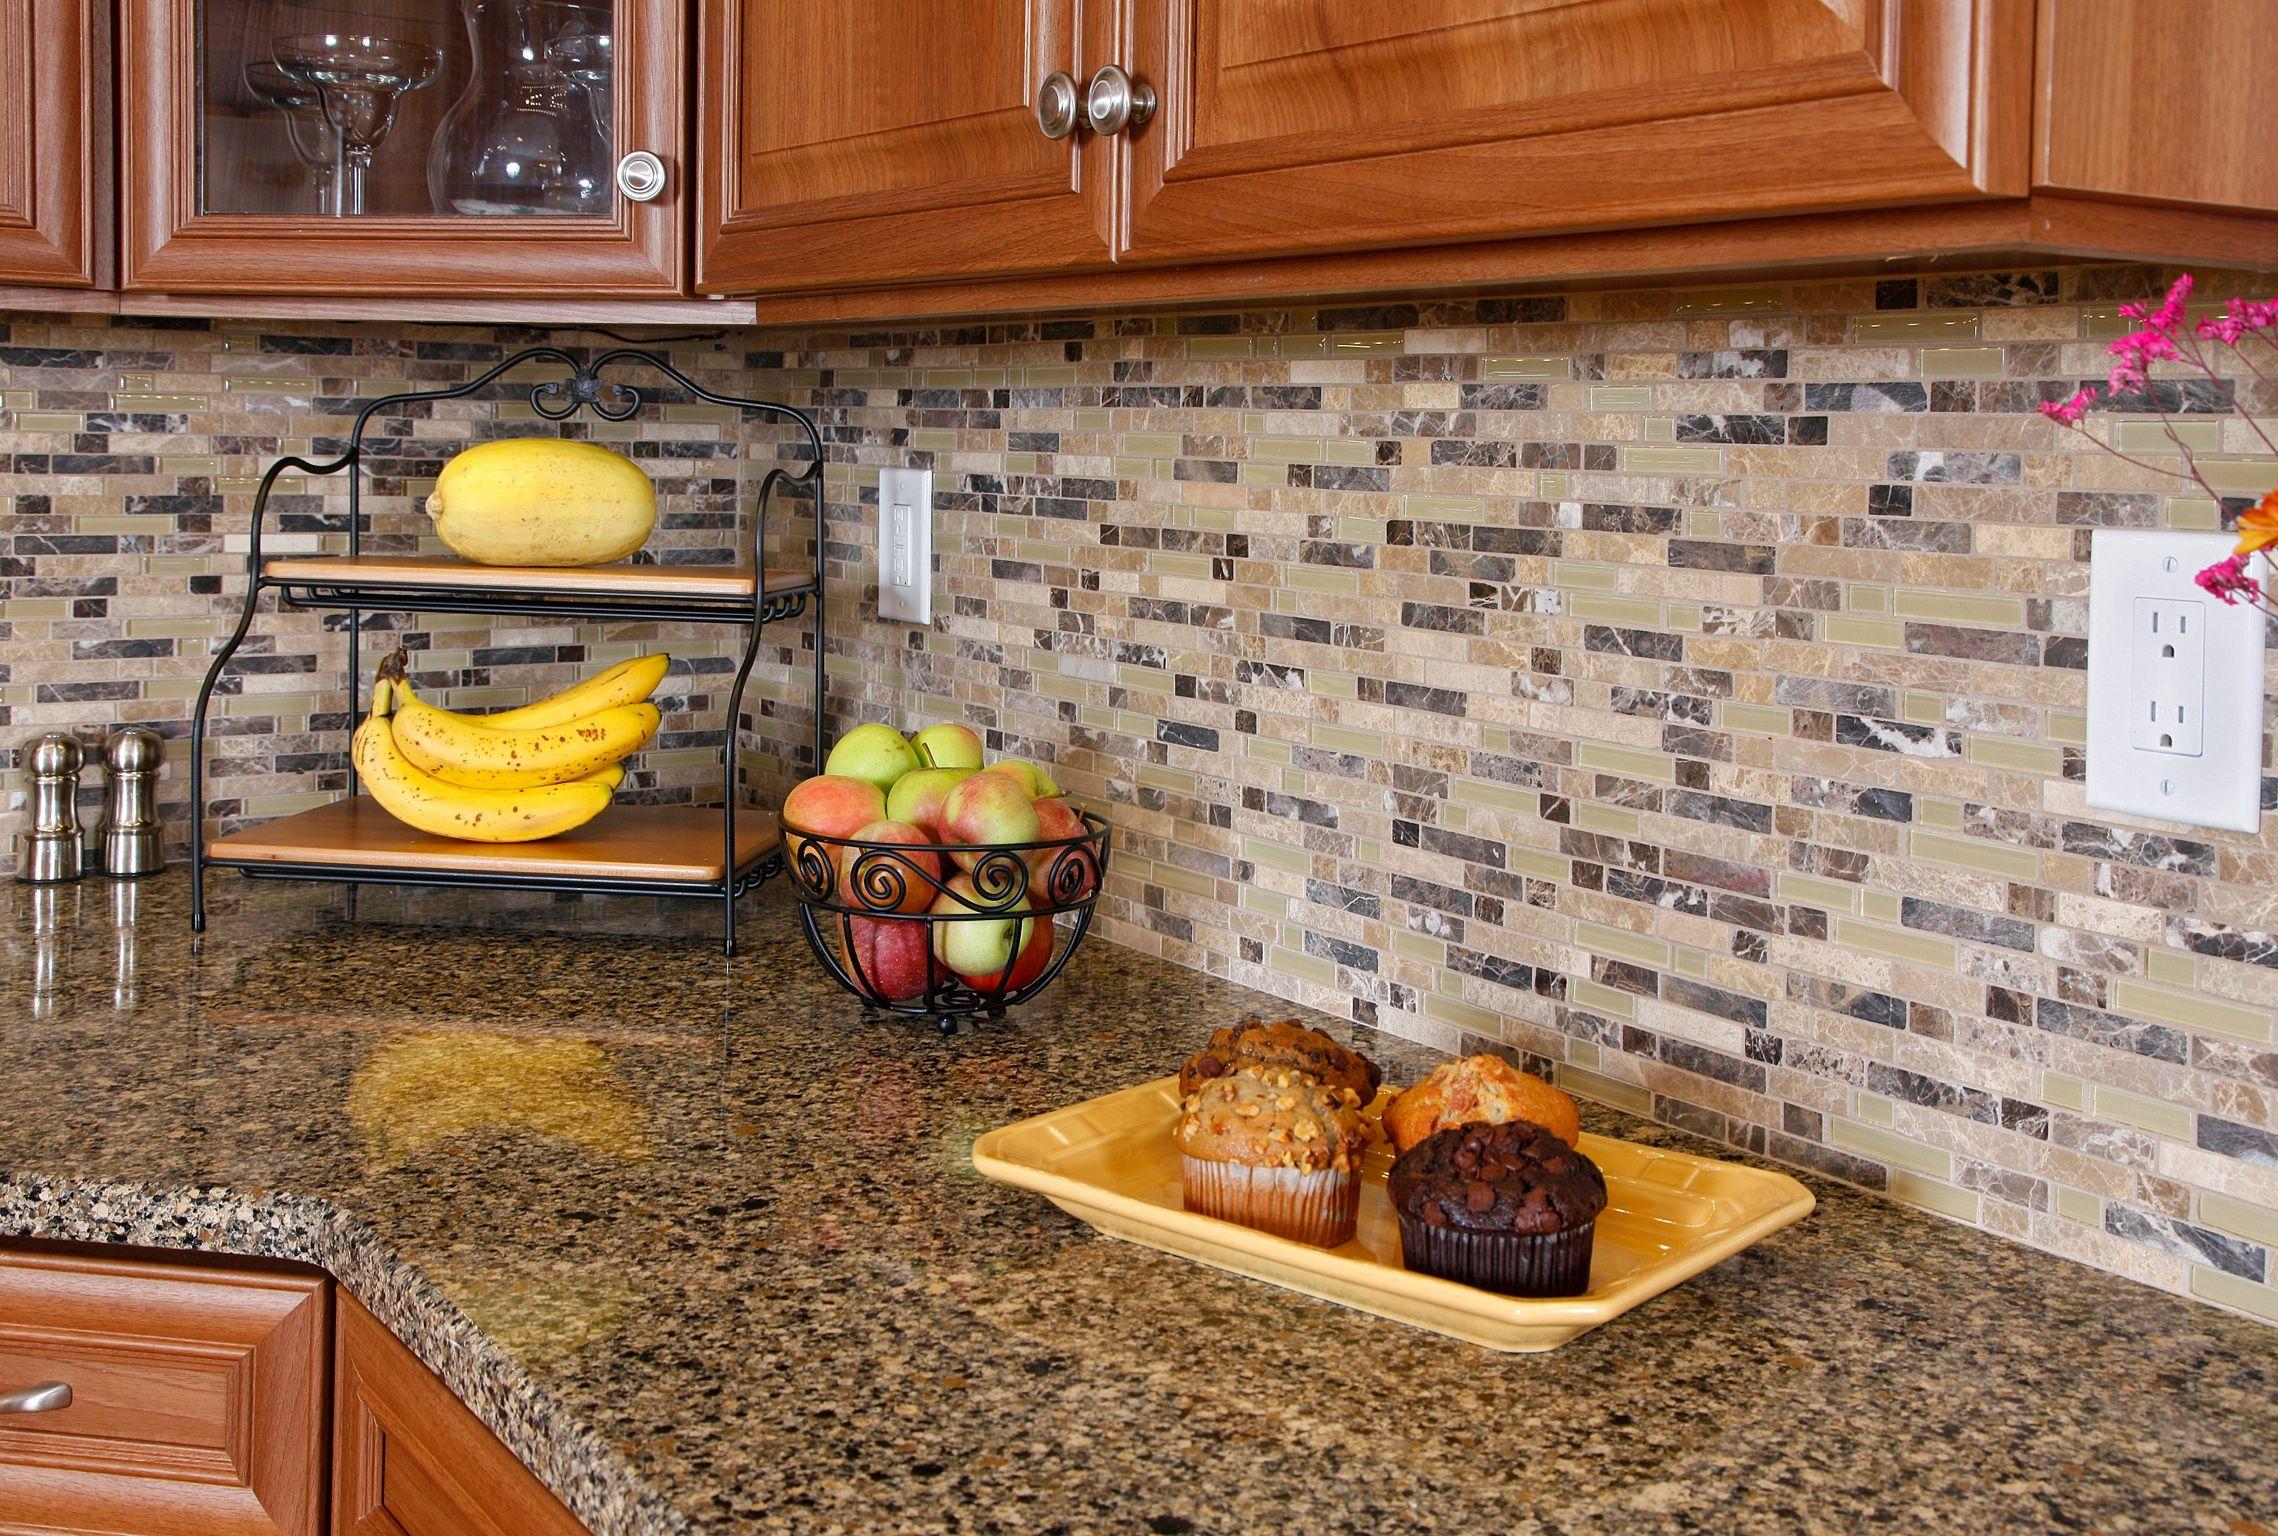 Cool backsplash tile ideas for granite countertops